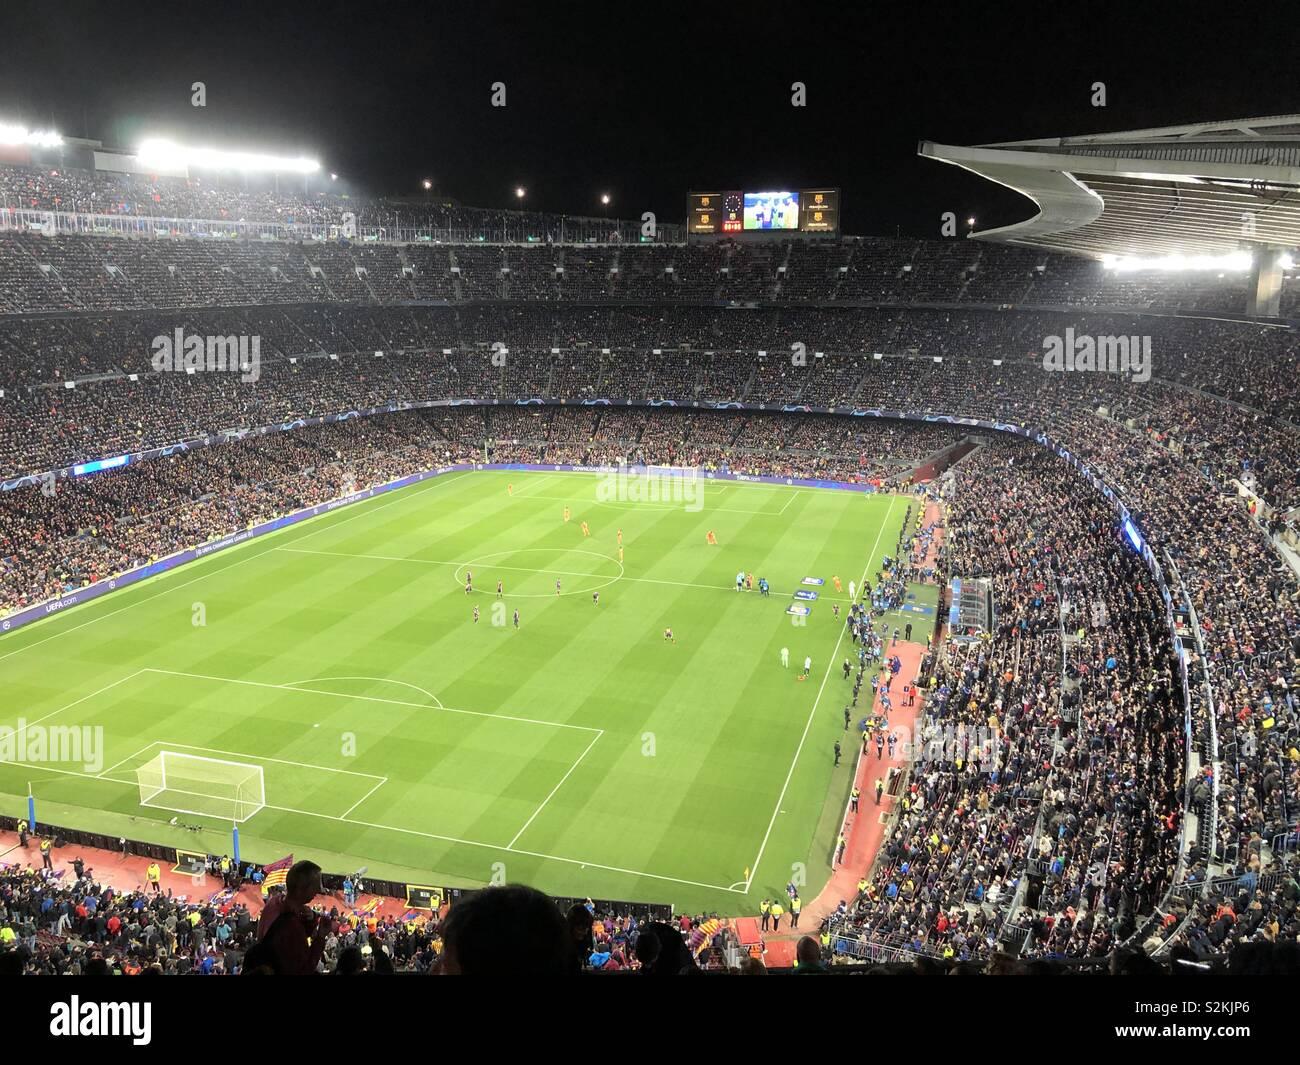 Camp Nou Champions League Second League - Stock Image